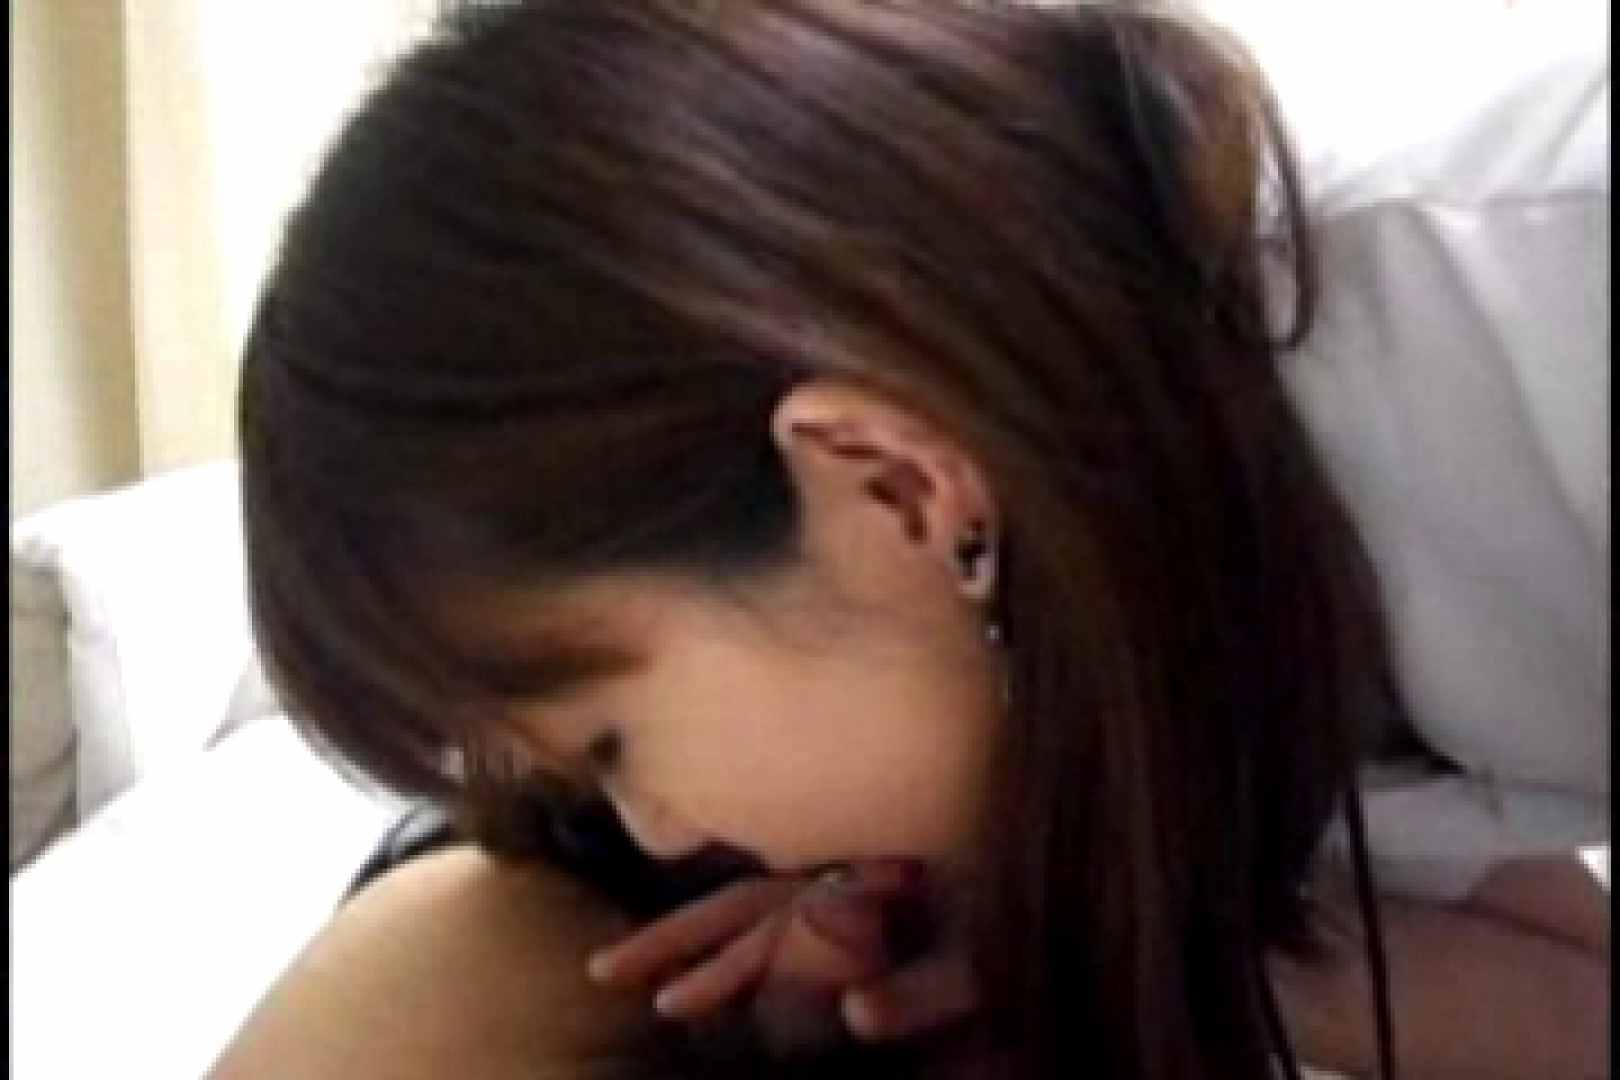 ヤリマンと呼ばれた看護士さんvol1 一般投稿 戯れ無修正画像 112pic 80